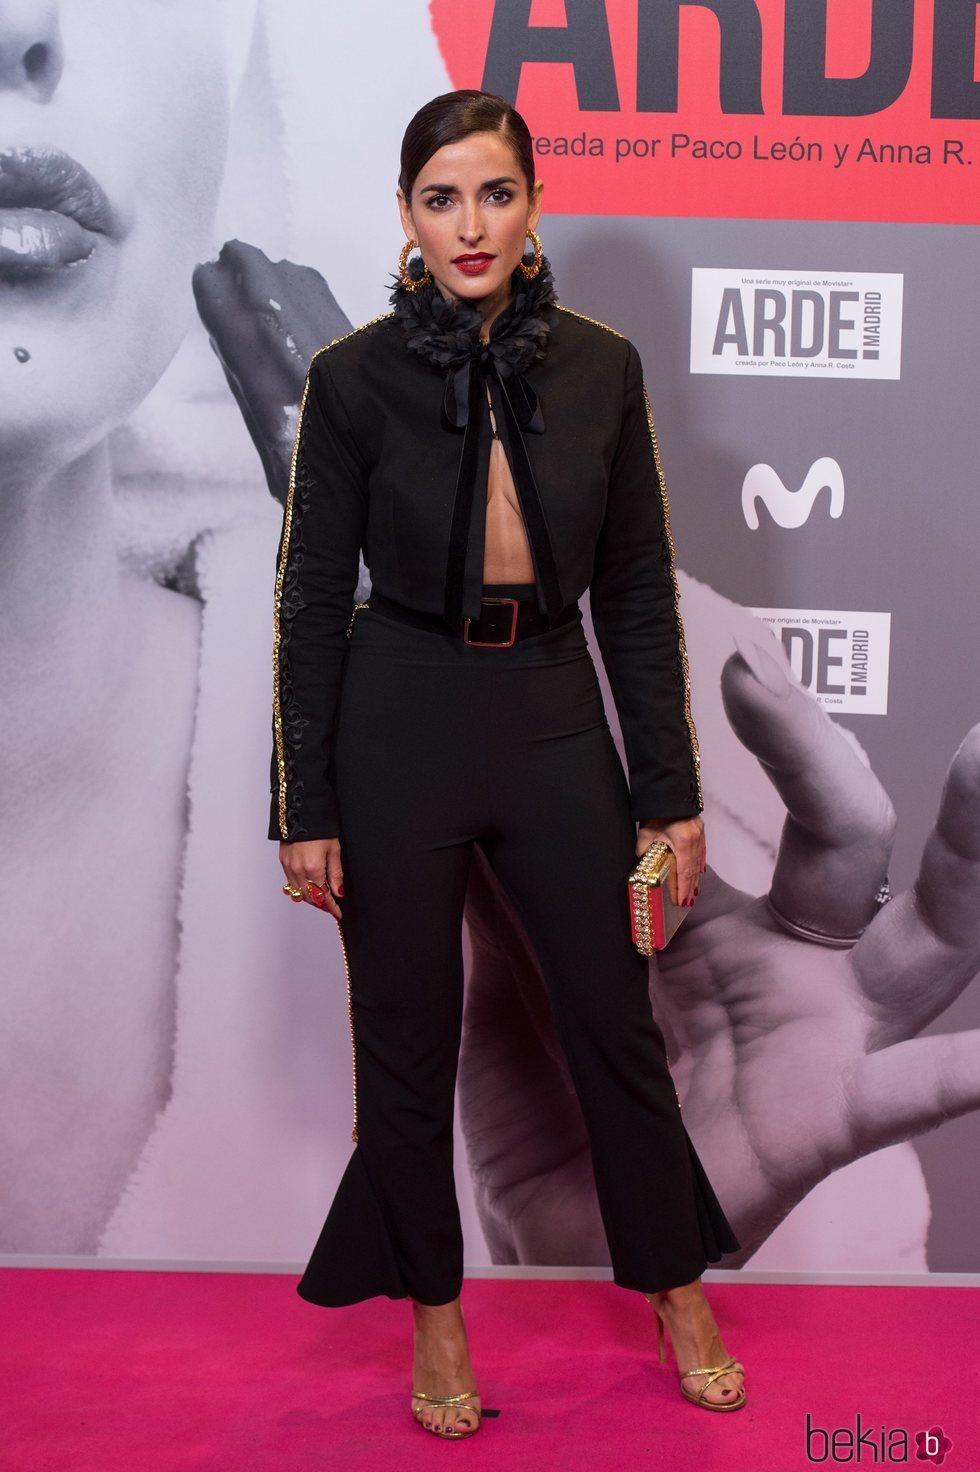 Inma Cuesta en el estreno de 'Arde Madrid'